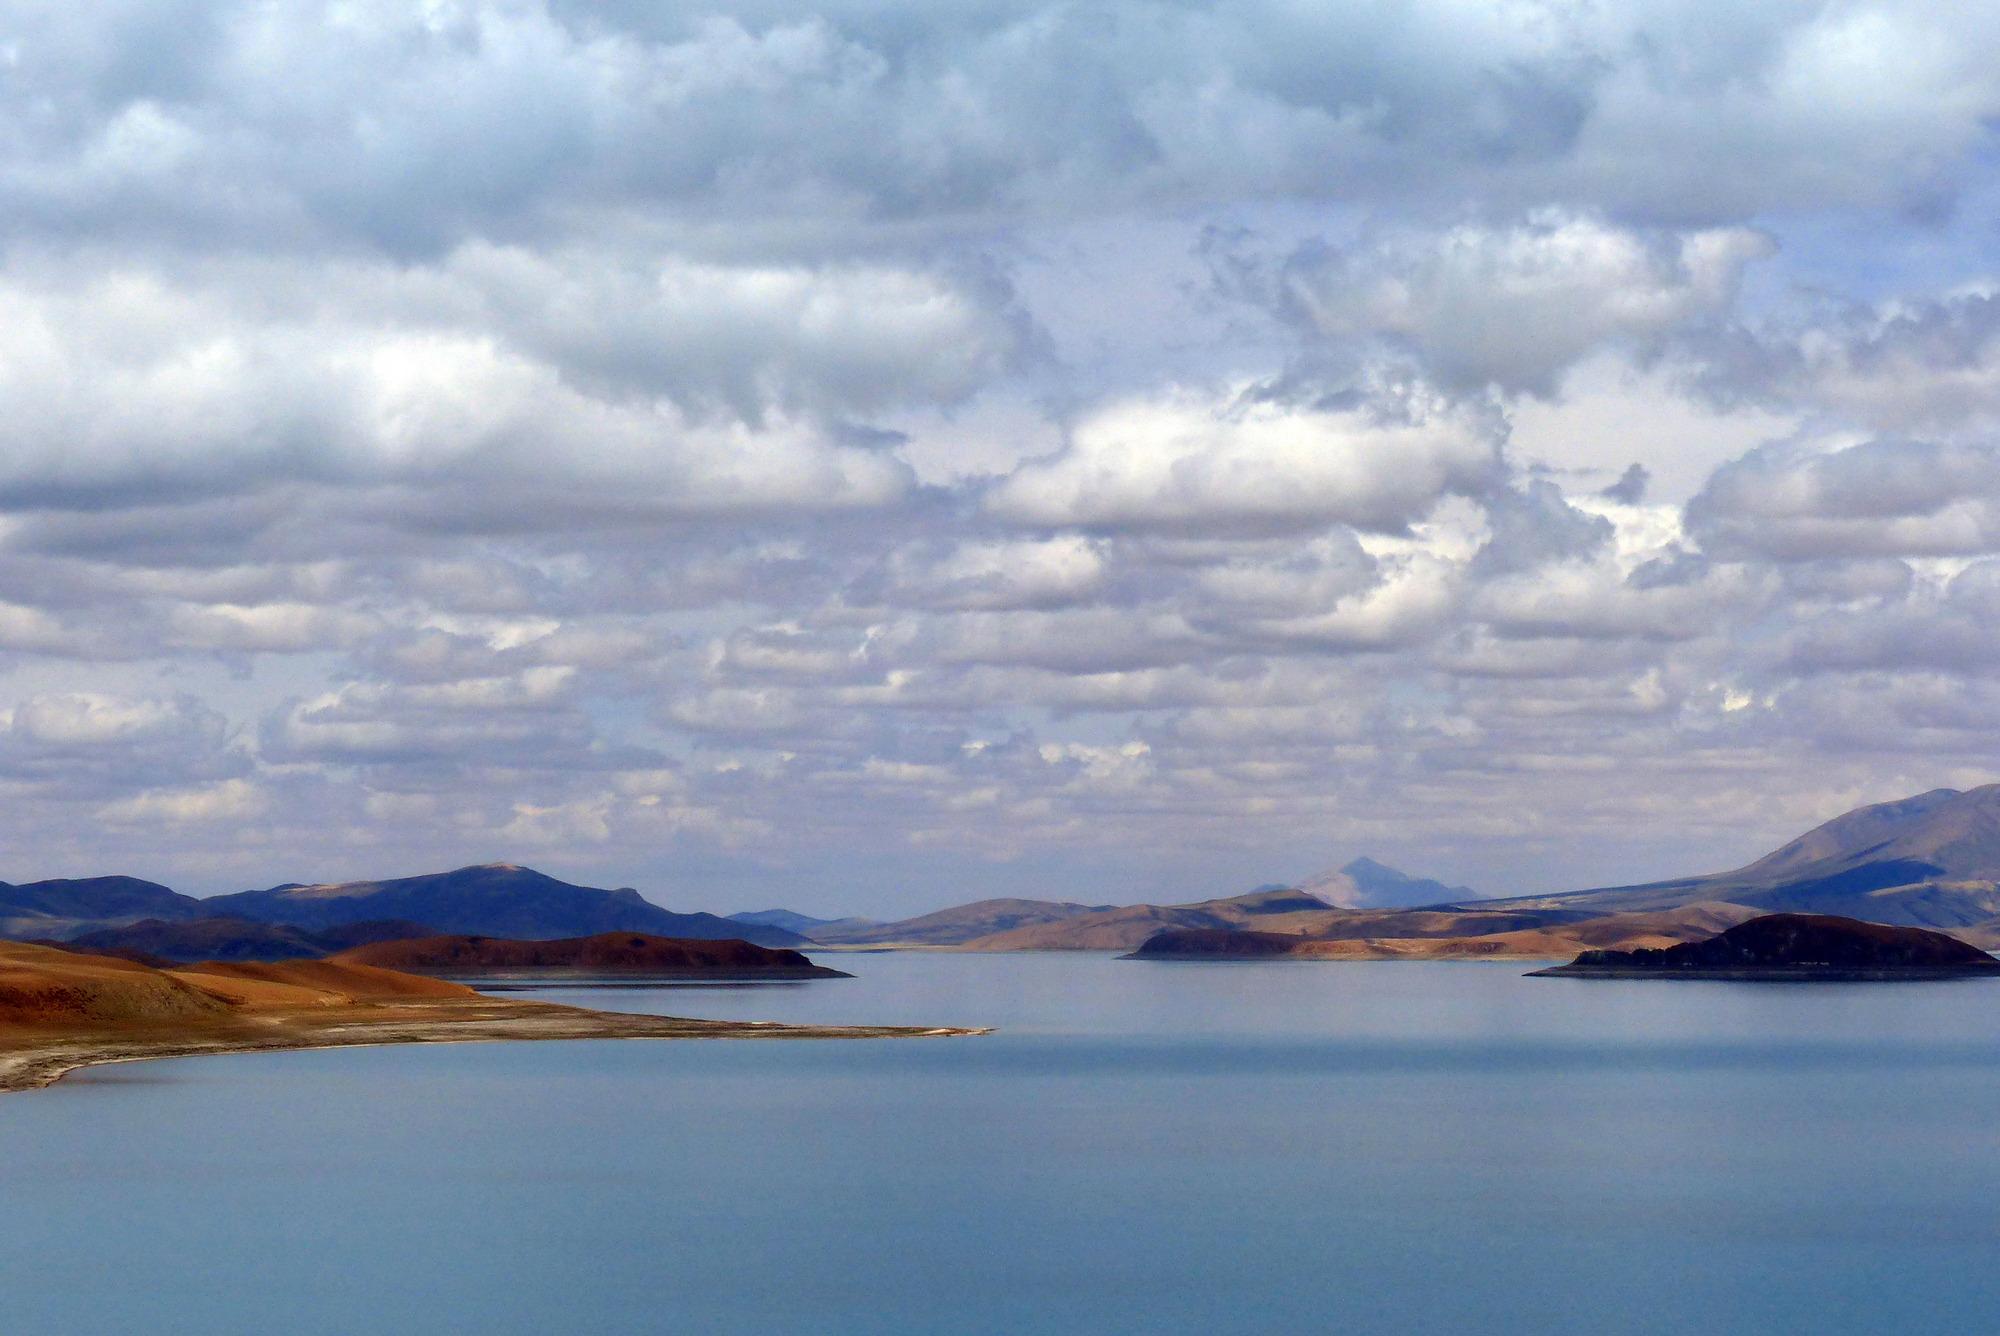 Озеро Ракшастал (озеро Демонов), Юго-Западный Тибет, Китай. Фото Н. И. Неупокоевой. 9.07.2018